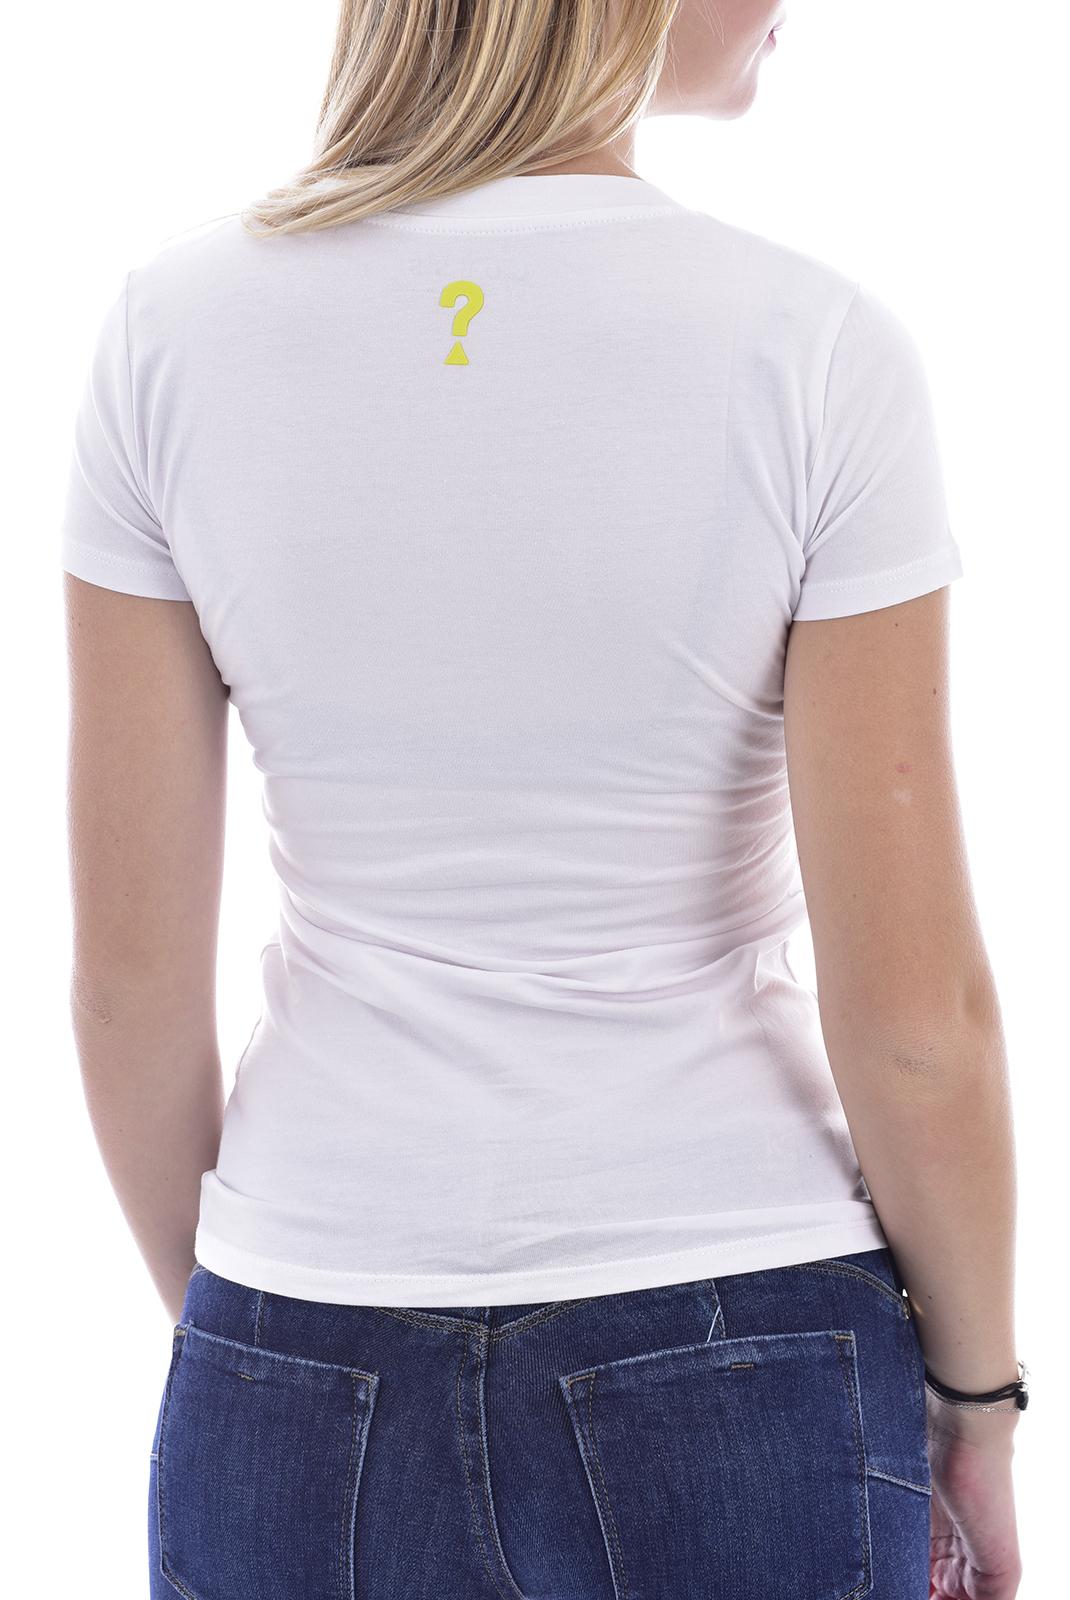 Tee shirt  Guess jeans W0BI71 J1300 TWHT